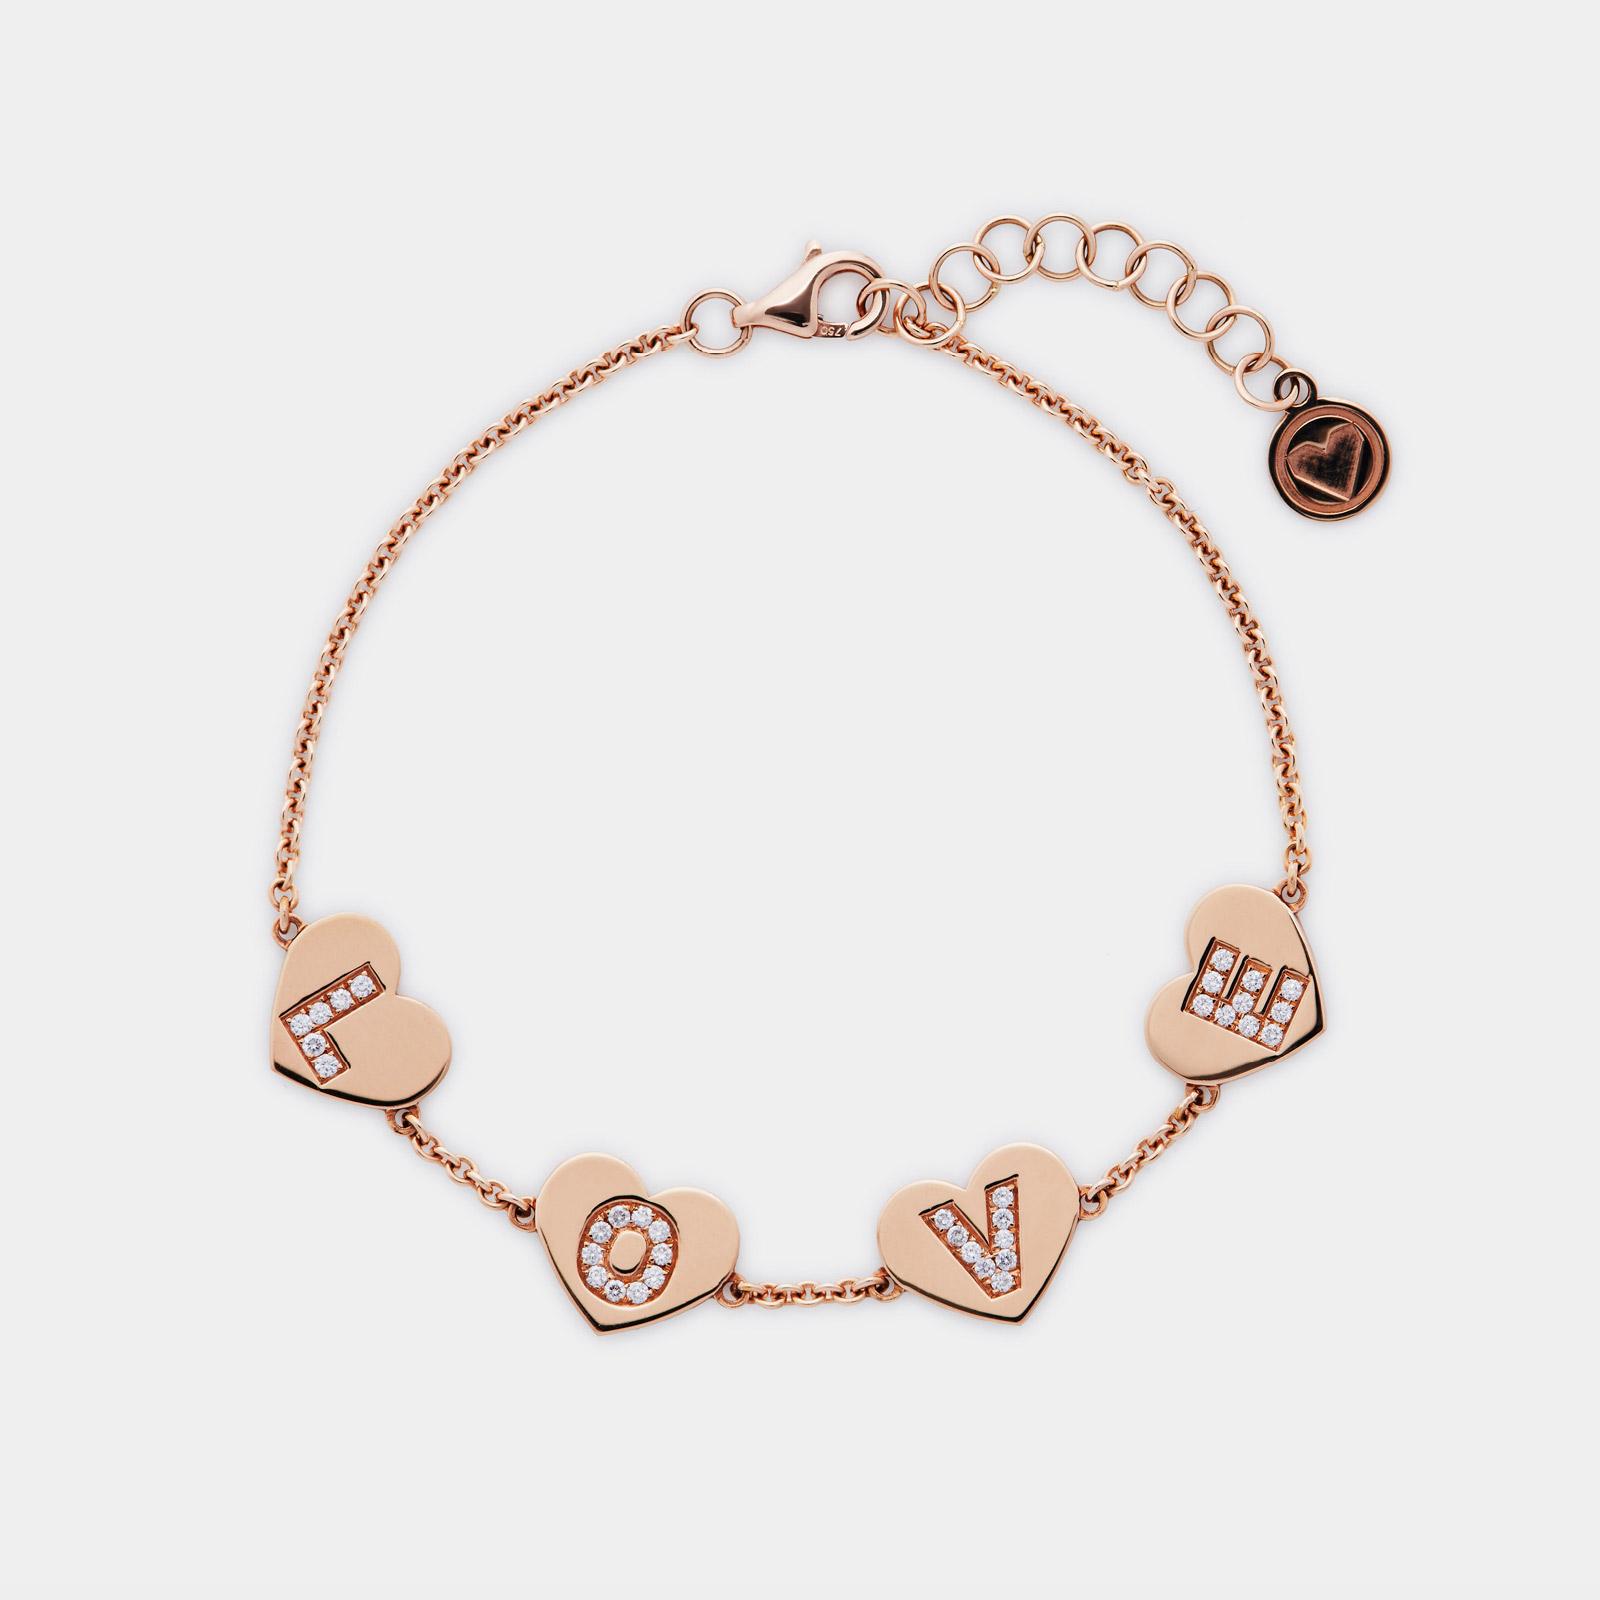 Bracciale Love in oro rosa con cuori e lettere in diamanti - Rosanna Cattolico gioielli